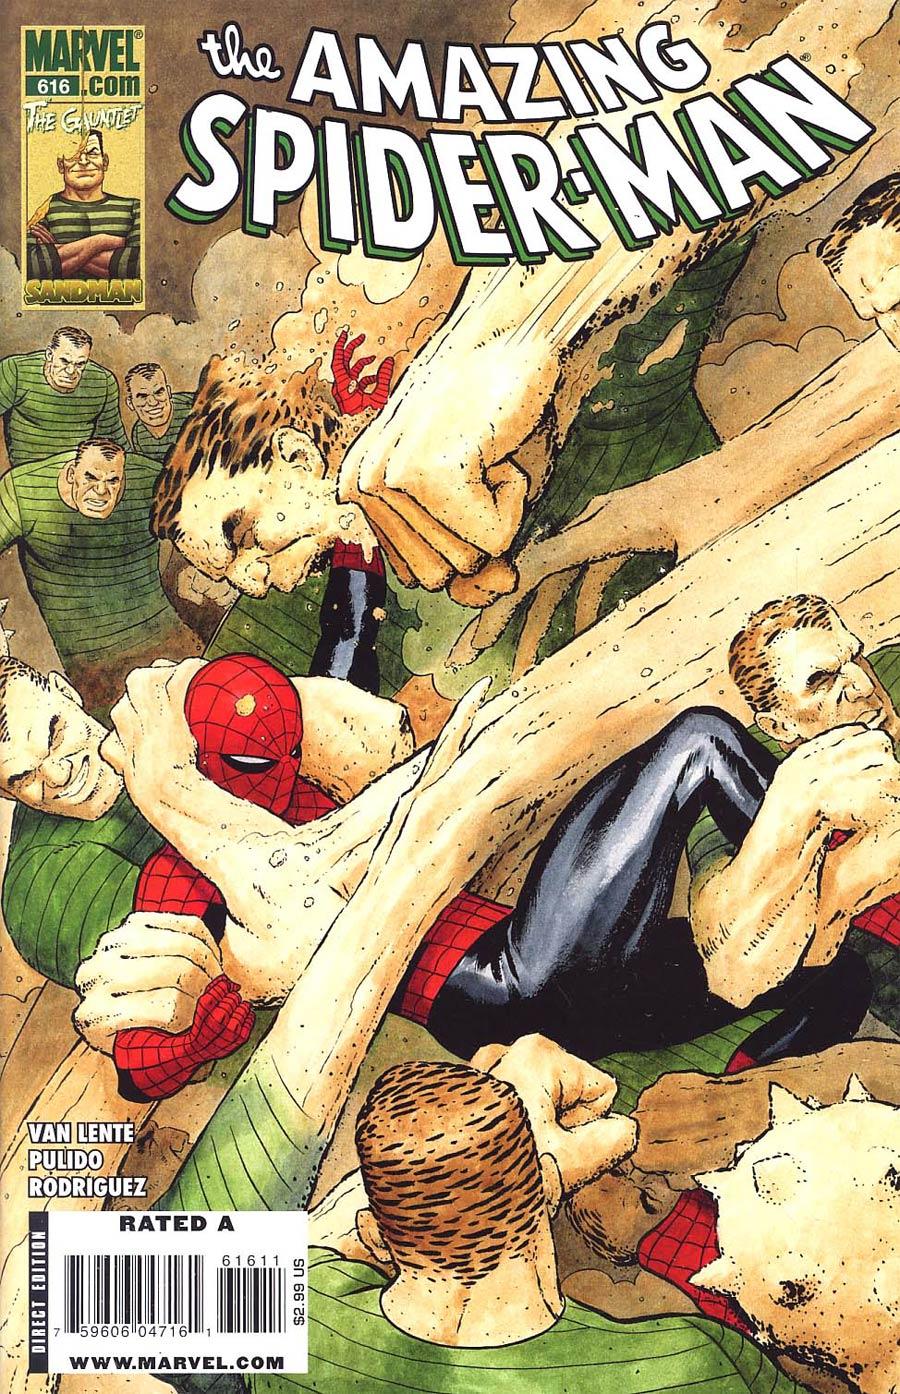 Amazing Spider-Man Vol 2 #616